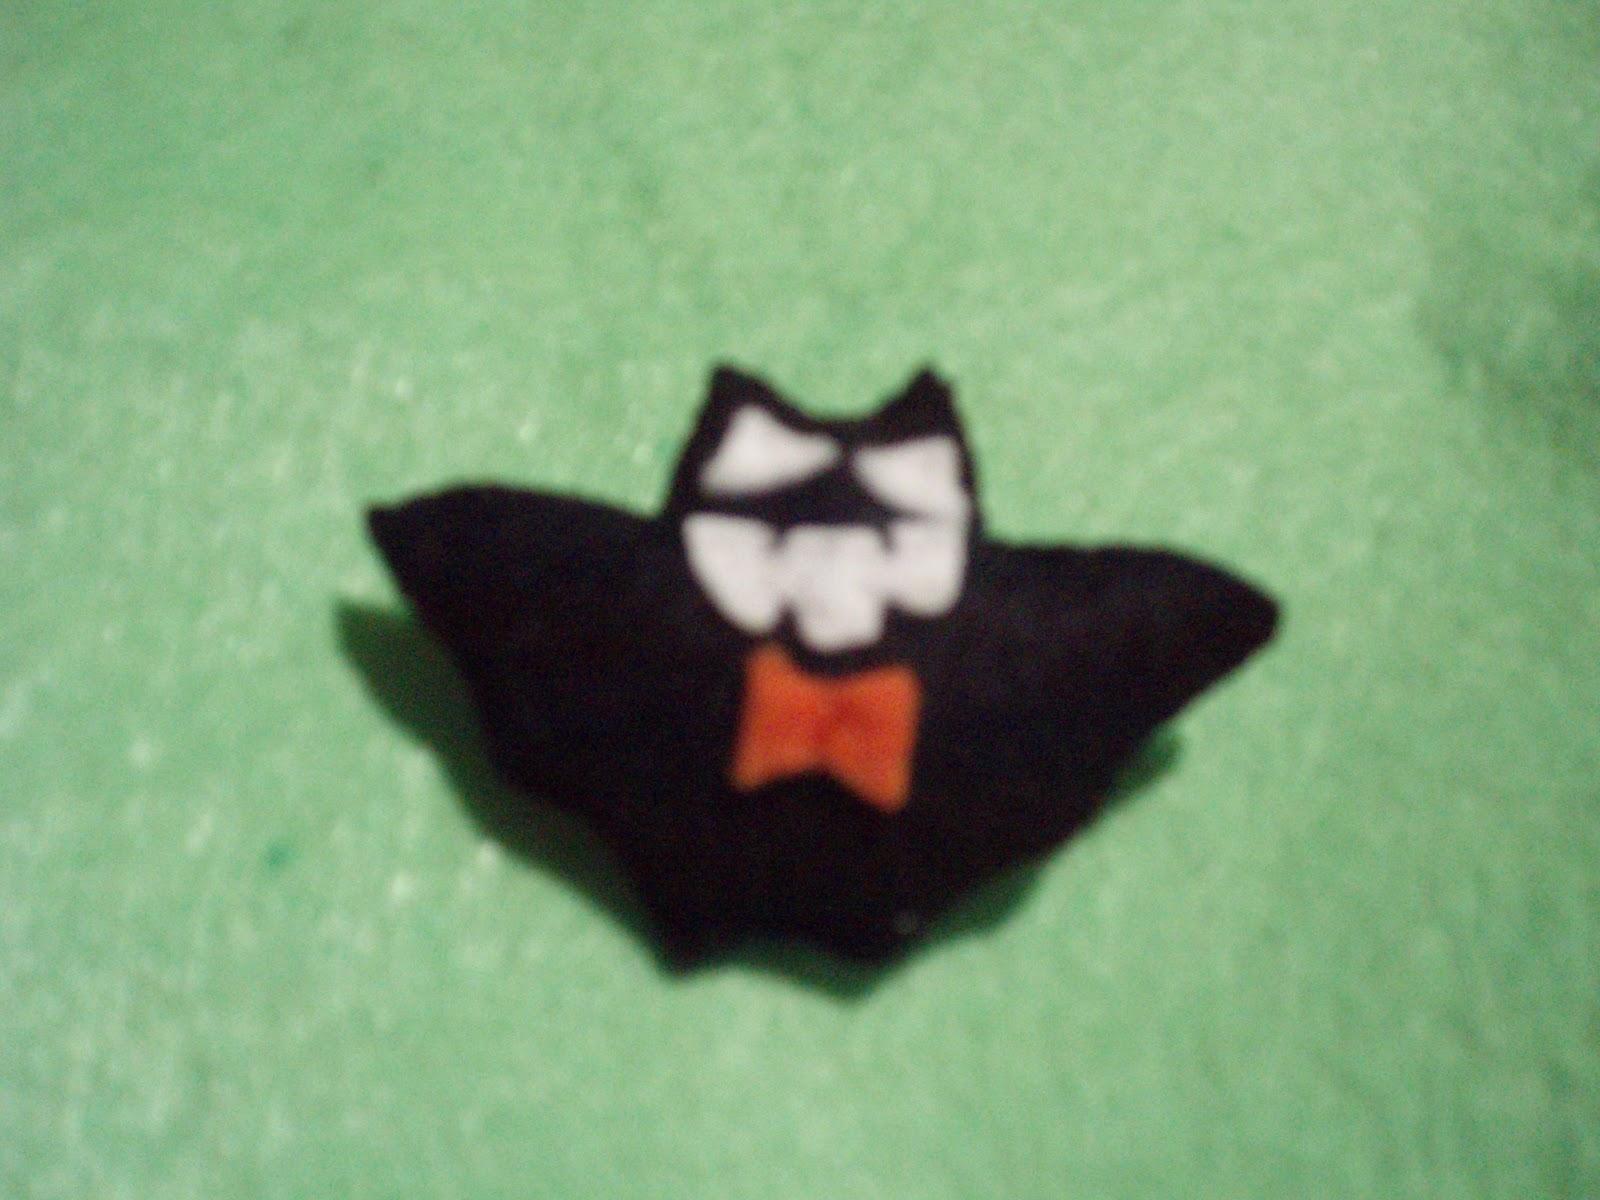 Manualidades alexia broche murcielago halloween - Murcielago halloween ...